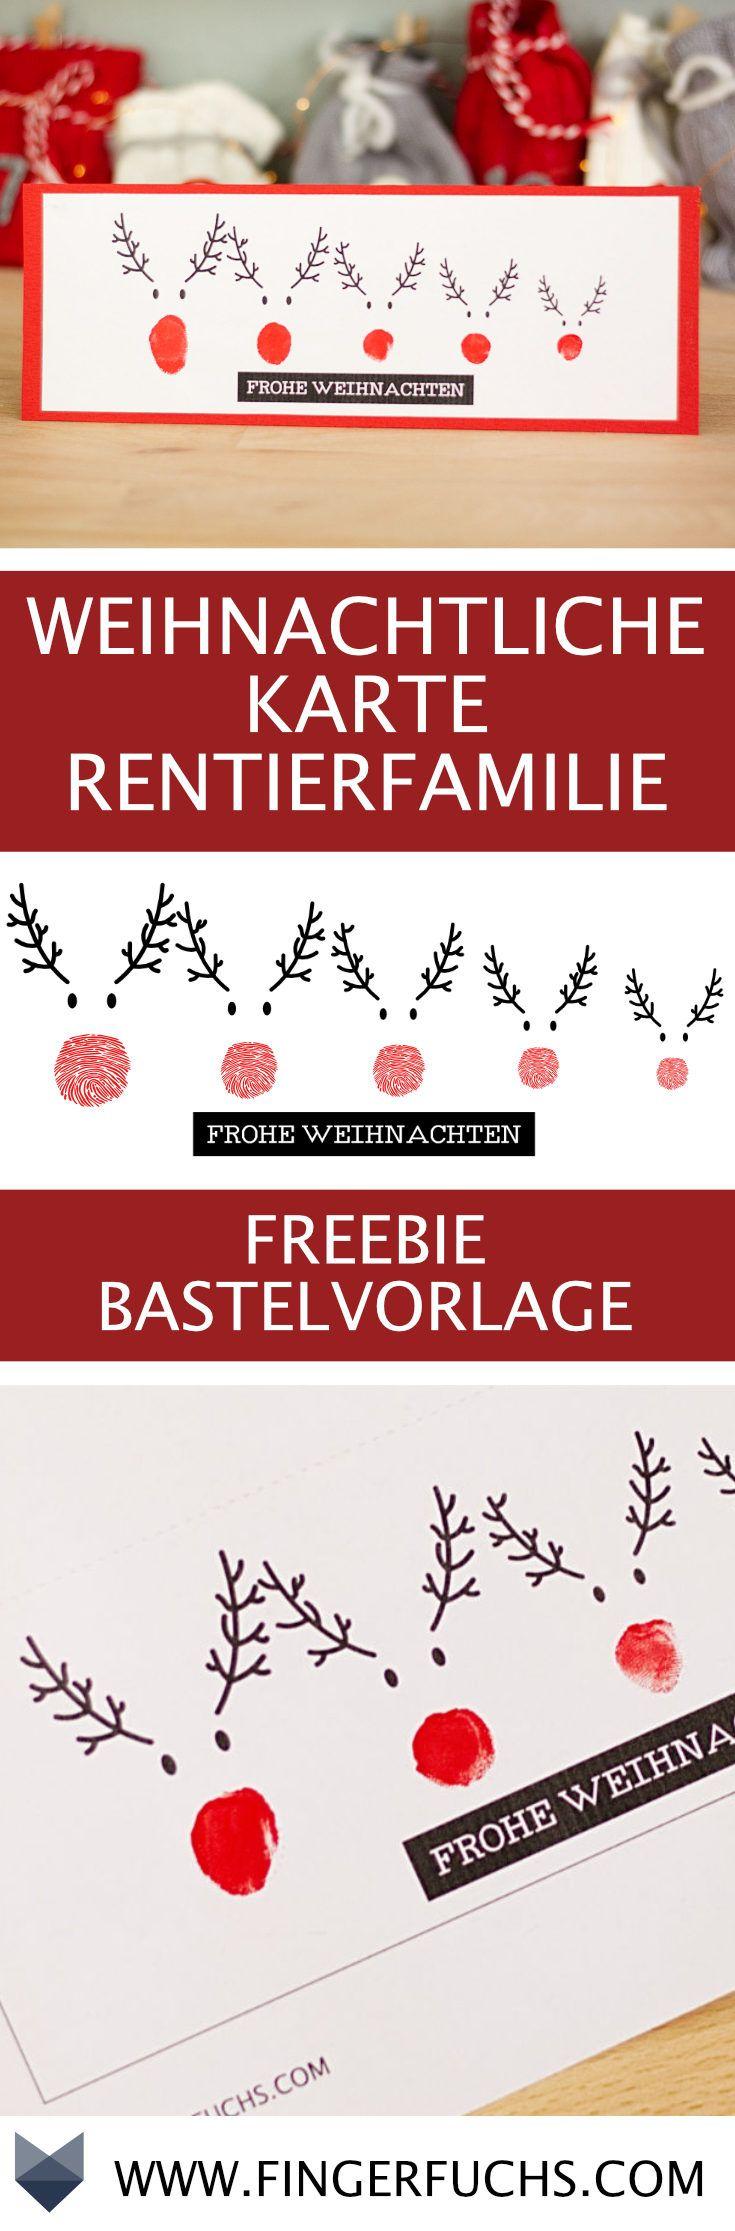 DIY Karte Rentierfamilie – Kostenlose Bastelvorlage mit Fingerabdruck – Angelika Stech